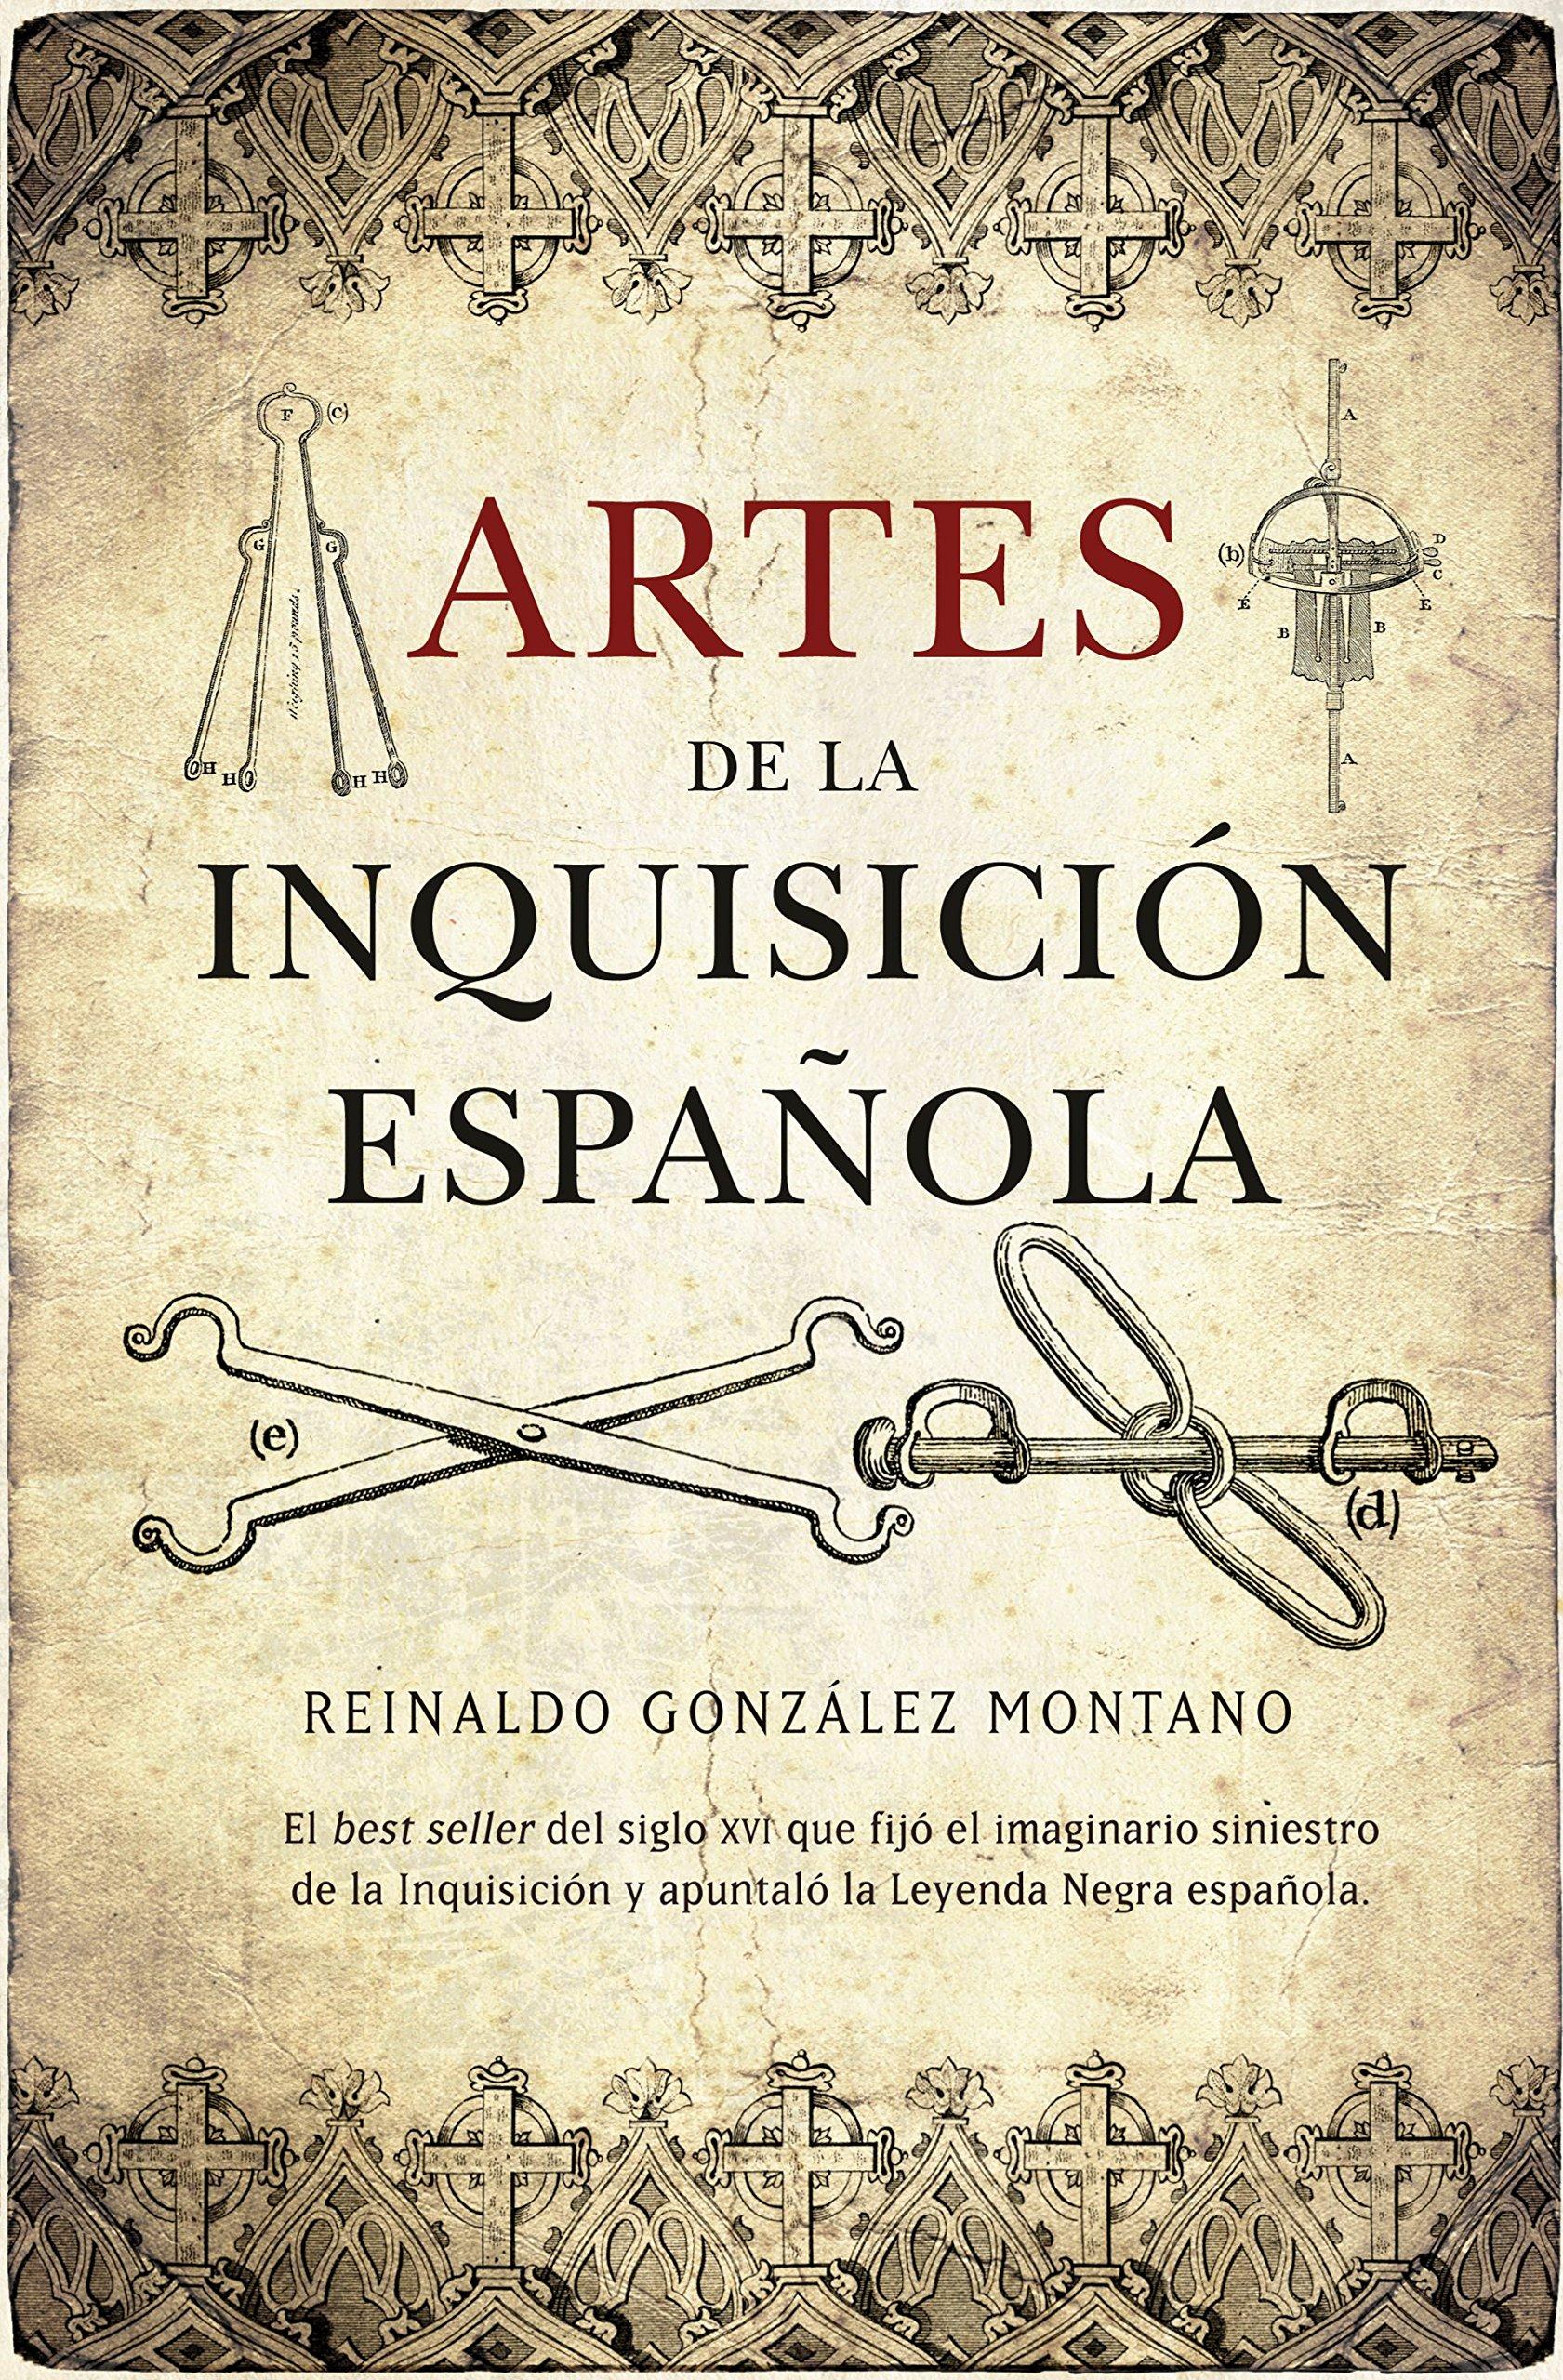 Artes de la Inquisición española (Historia): Amazon.es: González ...